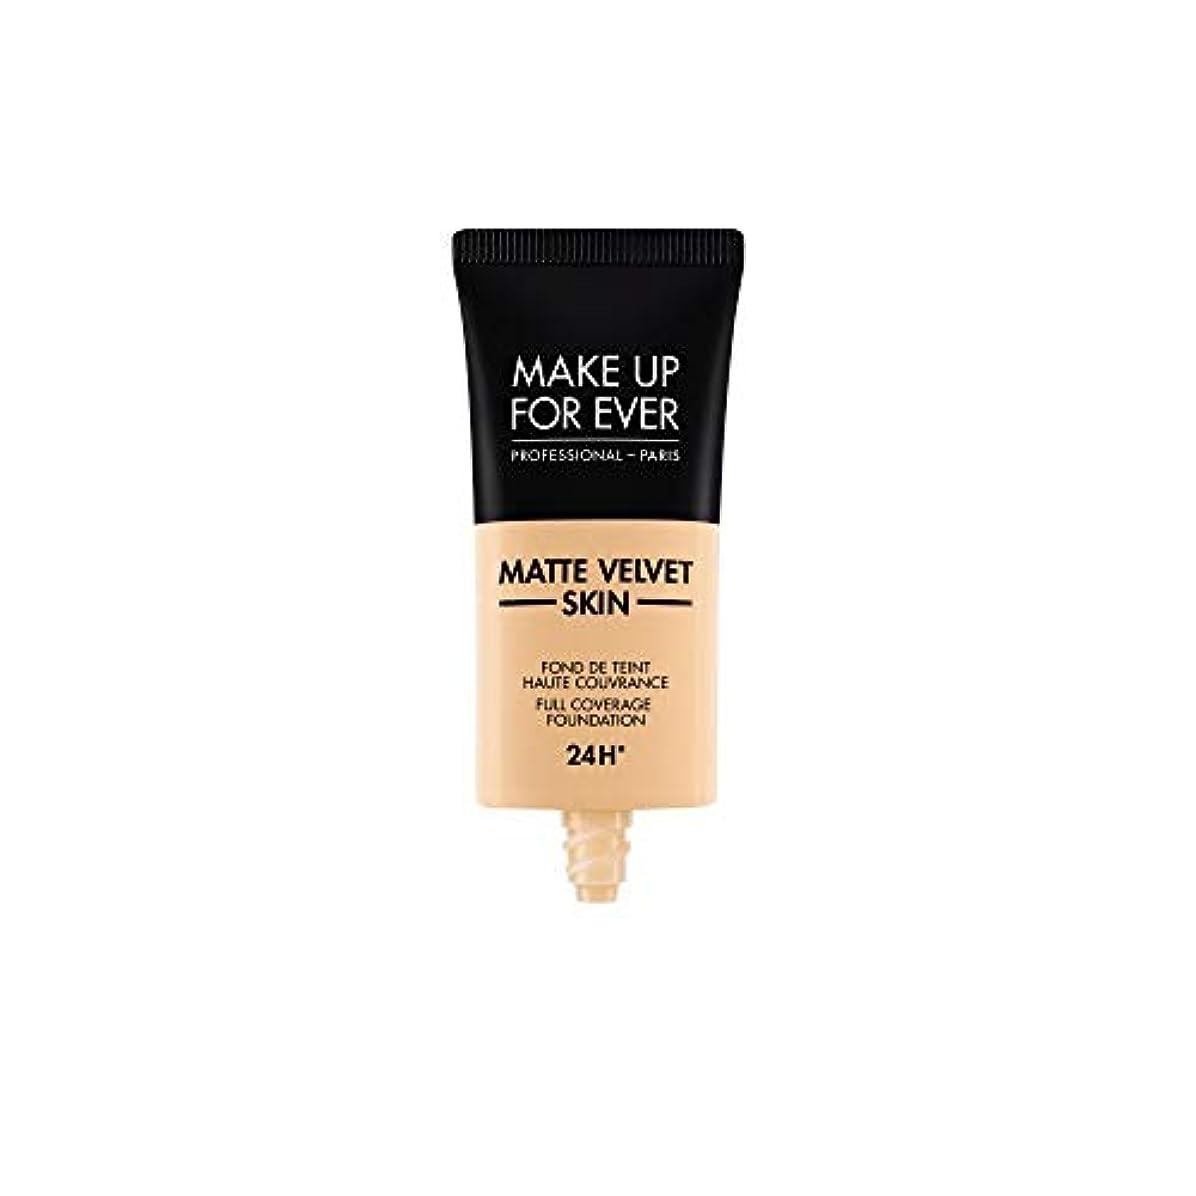 険しい腐食する扇動メイクアップフォーエバー Matte Velvet Skin Full Coverage Foundation - # Y235 (Ivory Beige) 30ml/1oz並行輸入品